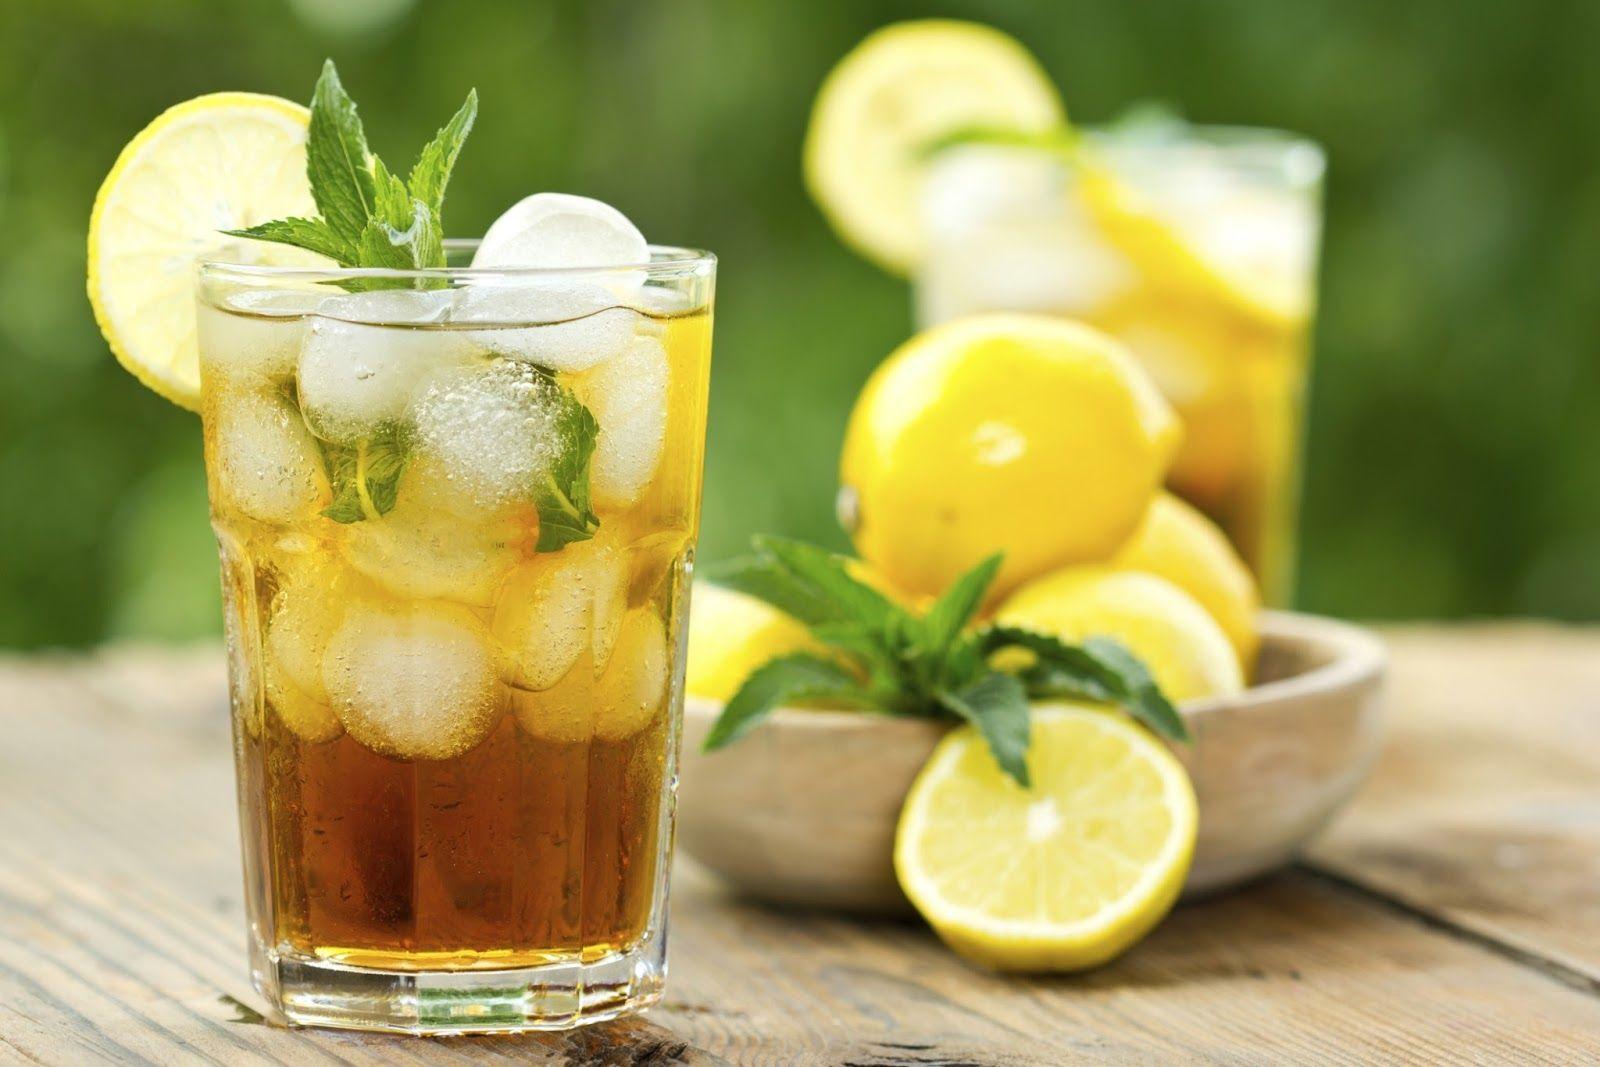 El té helado es una de las bebidas mas refrescantes y que mejor apaga nuestra sed, incluso en muchos países es la bebida estrella del verano.